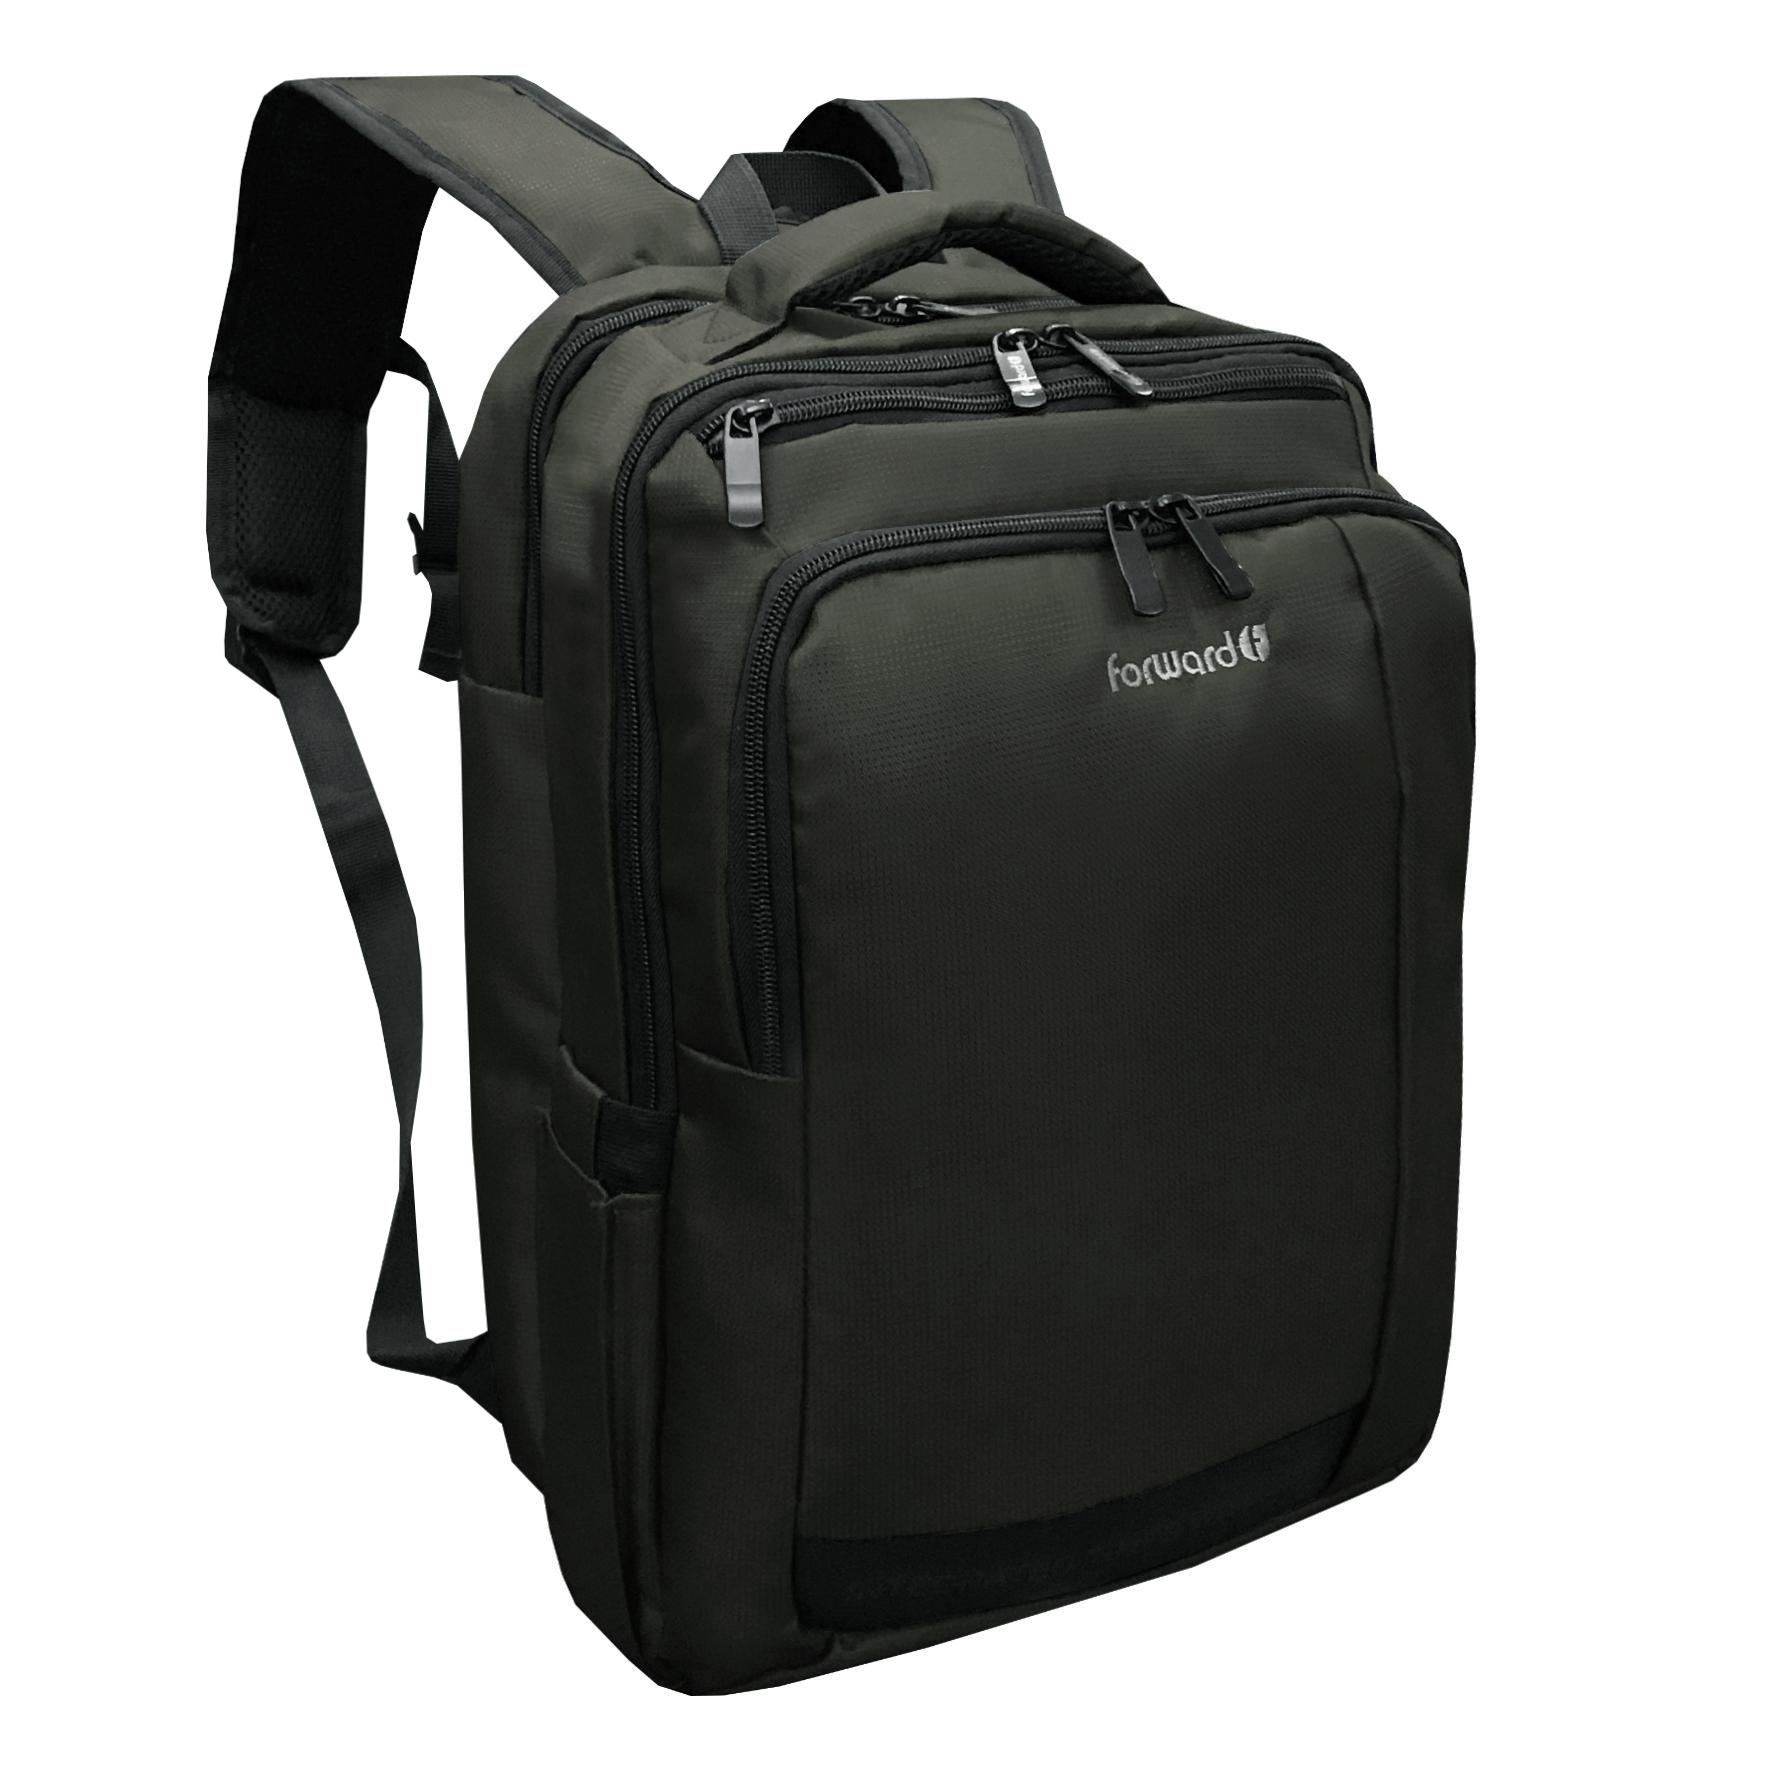 کوله پشتی لپ تاپ فوروارد مدل FCLT7700 مناسب برای لپ تاپ ۱۶٫۴ اینچی